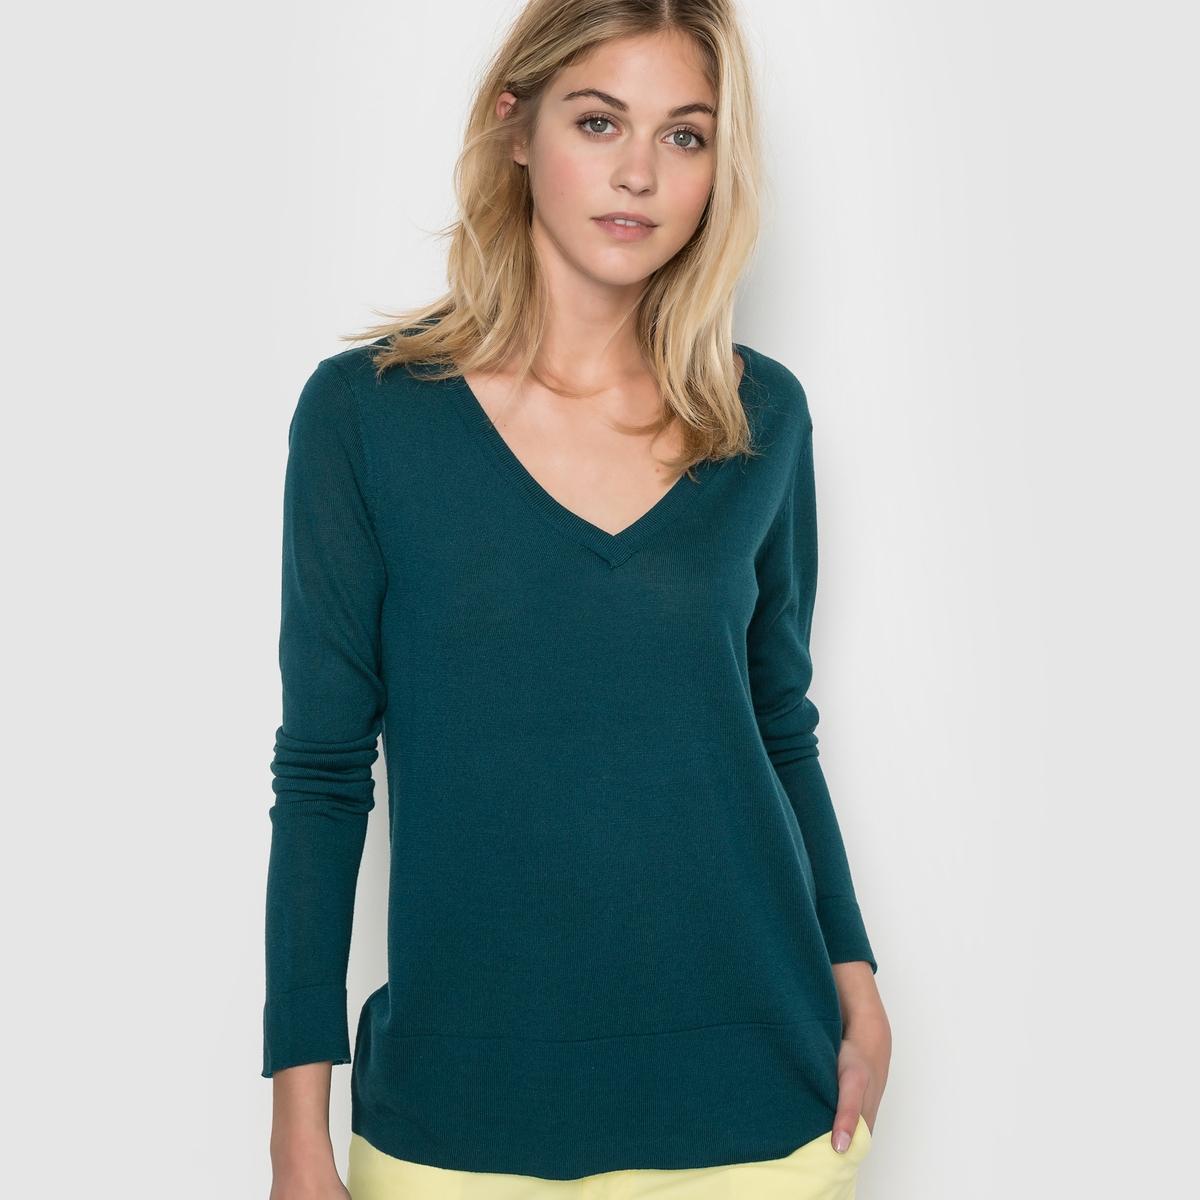 Пуловер объемного покроя с V-образным вырезомПуловер объемного покроя, V-образный вырез. 50% акрила, 50% вискозы. Длинные рукава. Контрастные отвороты низа и манжет.  Длина 66 см.<br><br>Цвет: темно-зеленый<br>Размер: 42/44 (FR) - 48/50 (RUS)